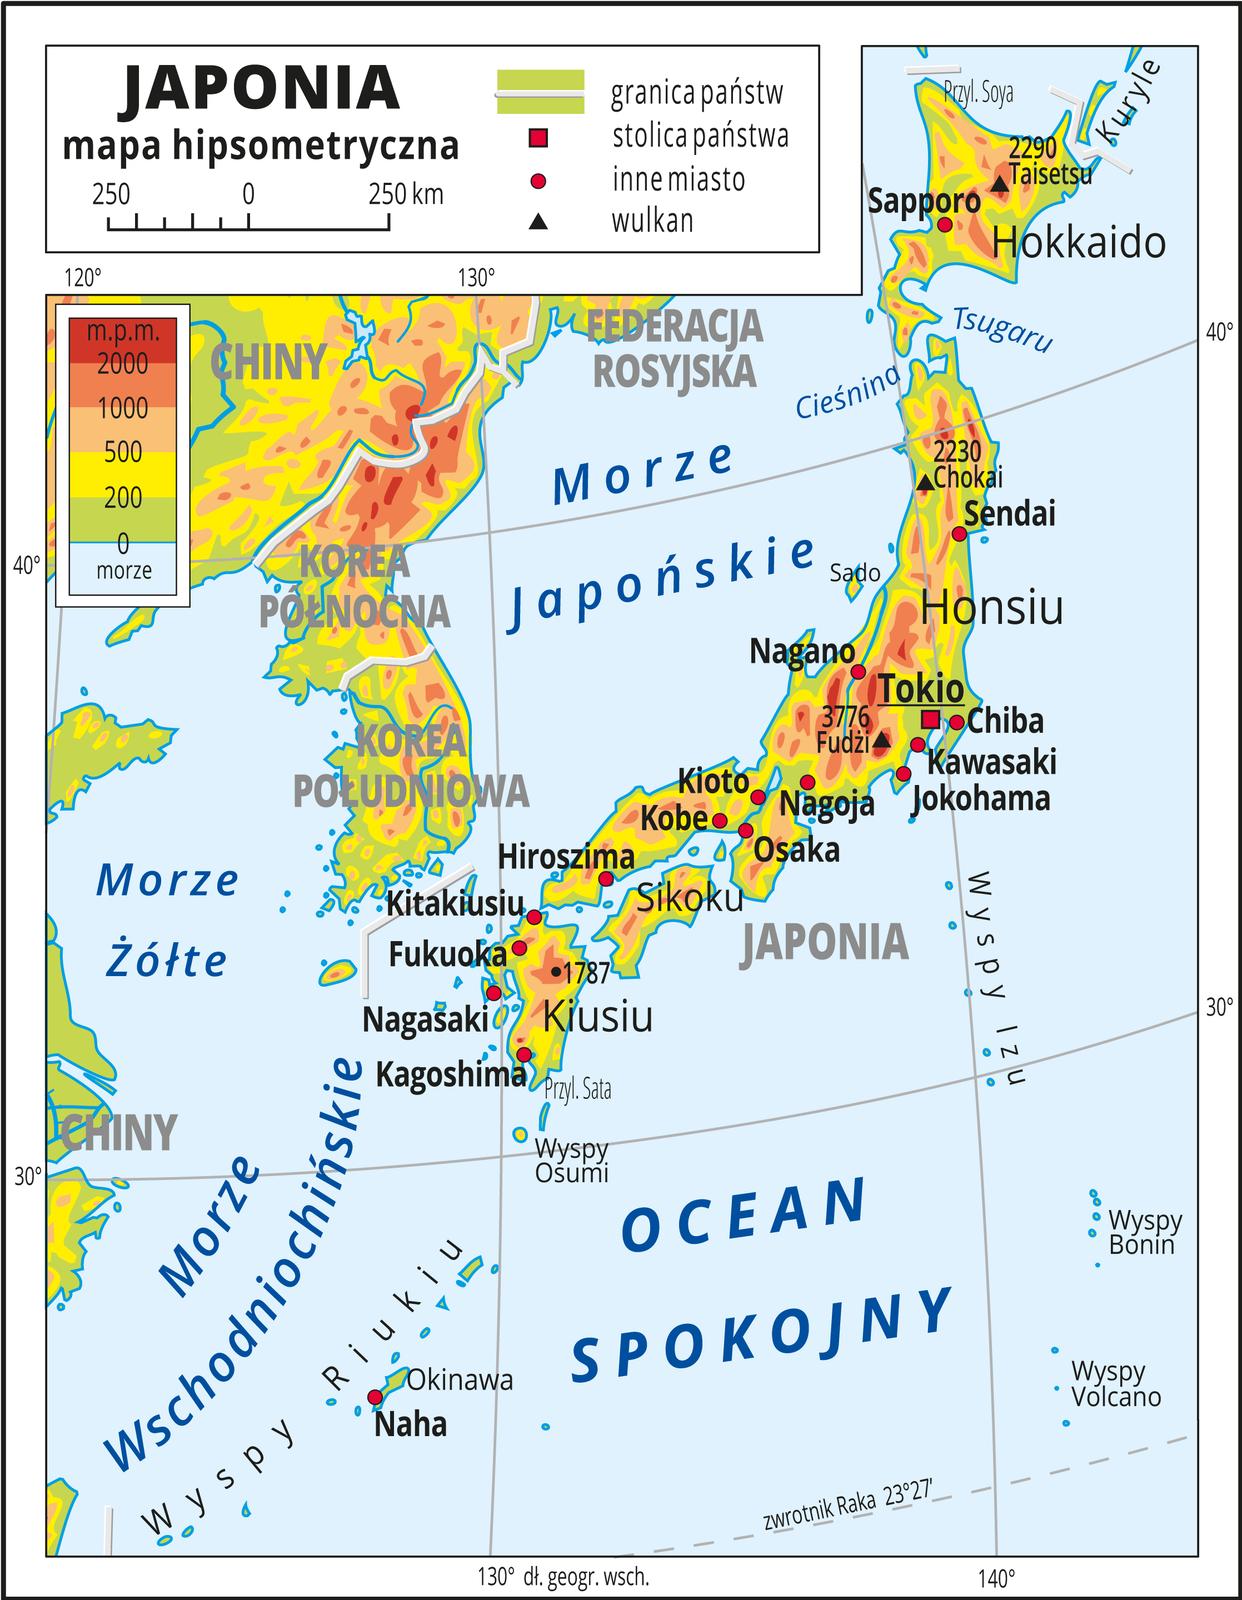 Ilustracja przedstawia mapę hipsometryczną Japonii. Wobrębie lądów występują obszary wkolorze zielonym, żółtym, pomarańczowym iczerwonym. Przeważają obszary wyżynne. Zaznaczono granice państw iopisano ich nazwy. Morza zaznaczono kolorem niebieskim iopisano. Oznaczono iopisano stolice igłówne miasta. Trójkątami oznaczono wulkany ipodano ich wysokości. Mapa pokryta jest równoleżnikami ipołudnikami. Dookoła mapy wbiałej ramce opisano współrzędne geograficzne co dziesięć stopni. Wlegendzie umieszczono iopisano znaki użyte na mapie.